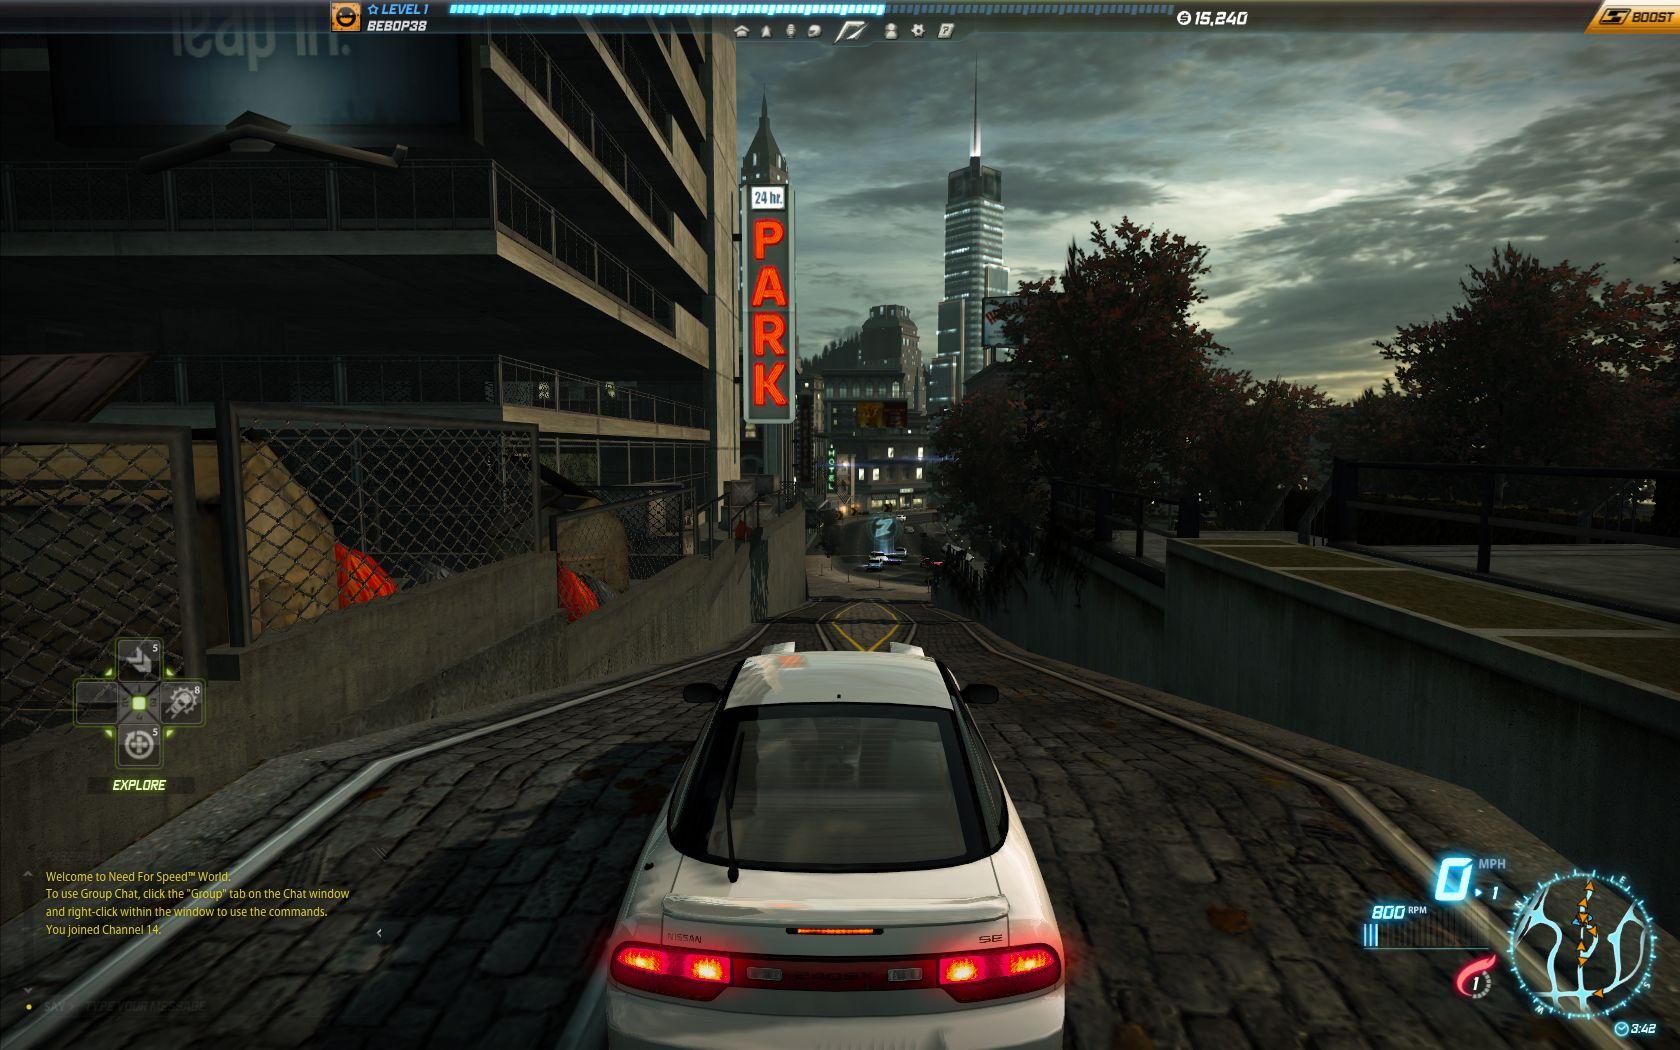 <게임 UI> Need for Speed World : 네이버 블로그